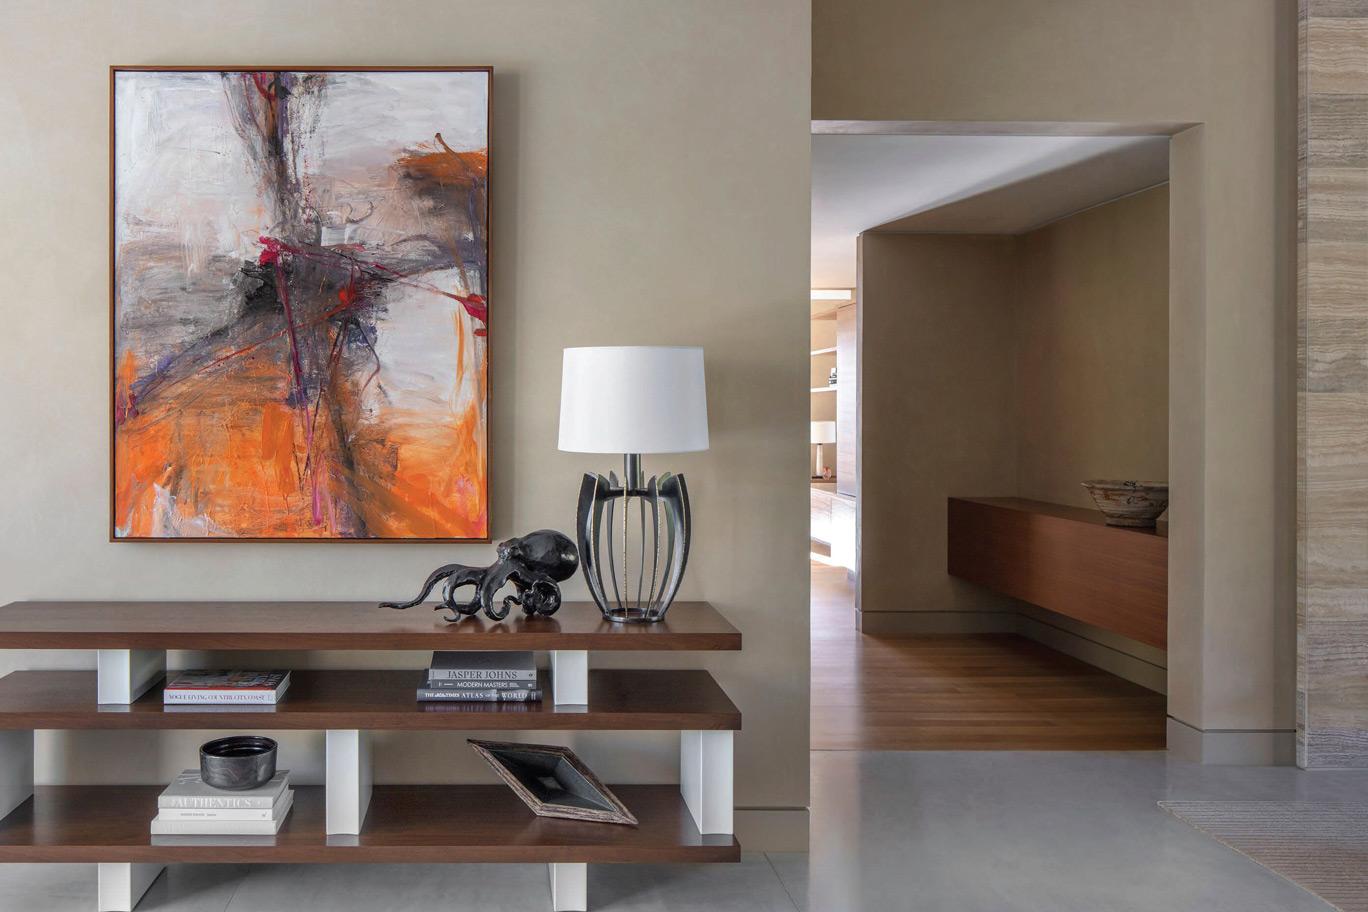 Contemporary Interior Design Favorite Vignettes David Michael Miller